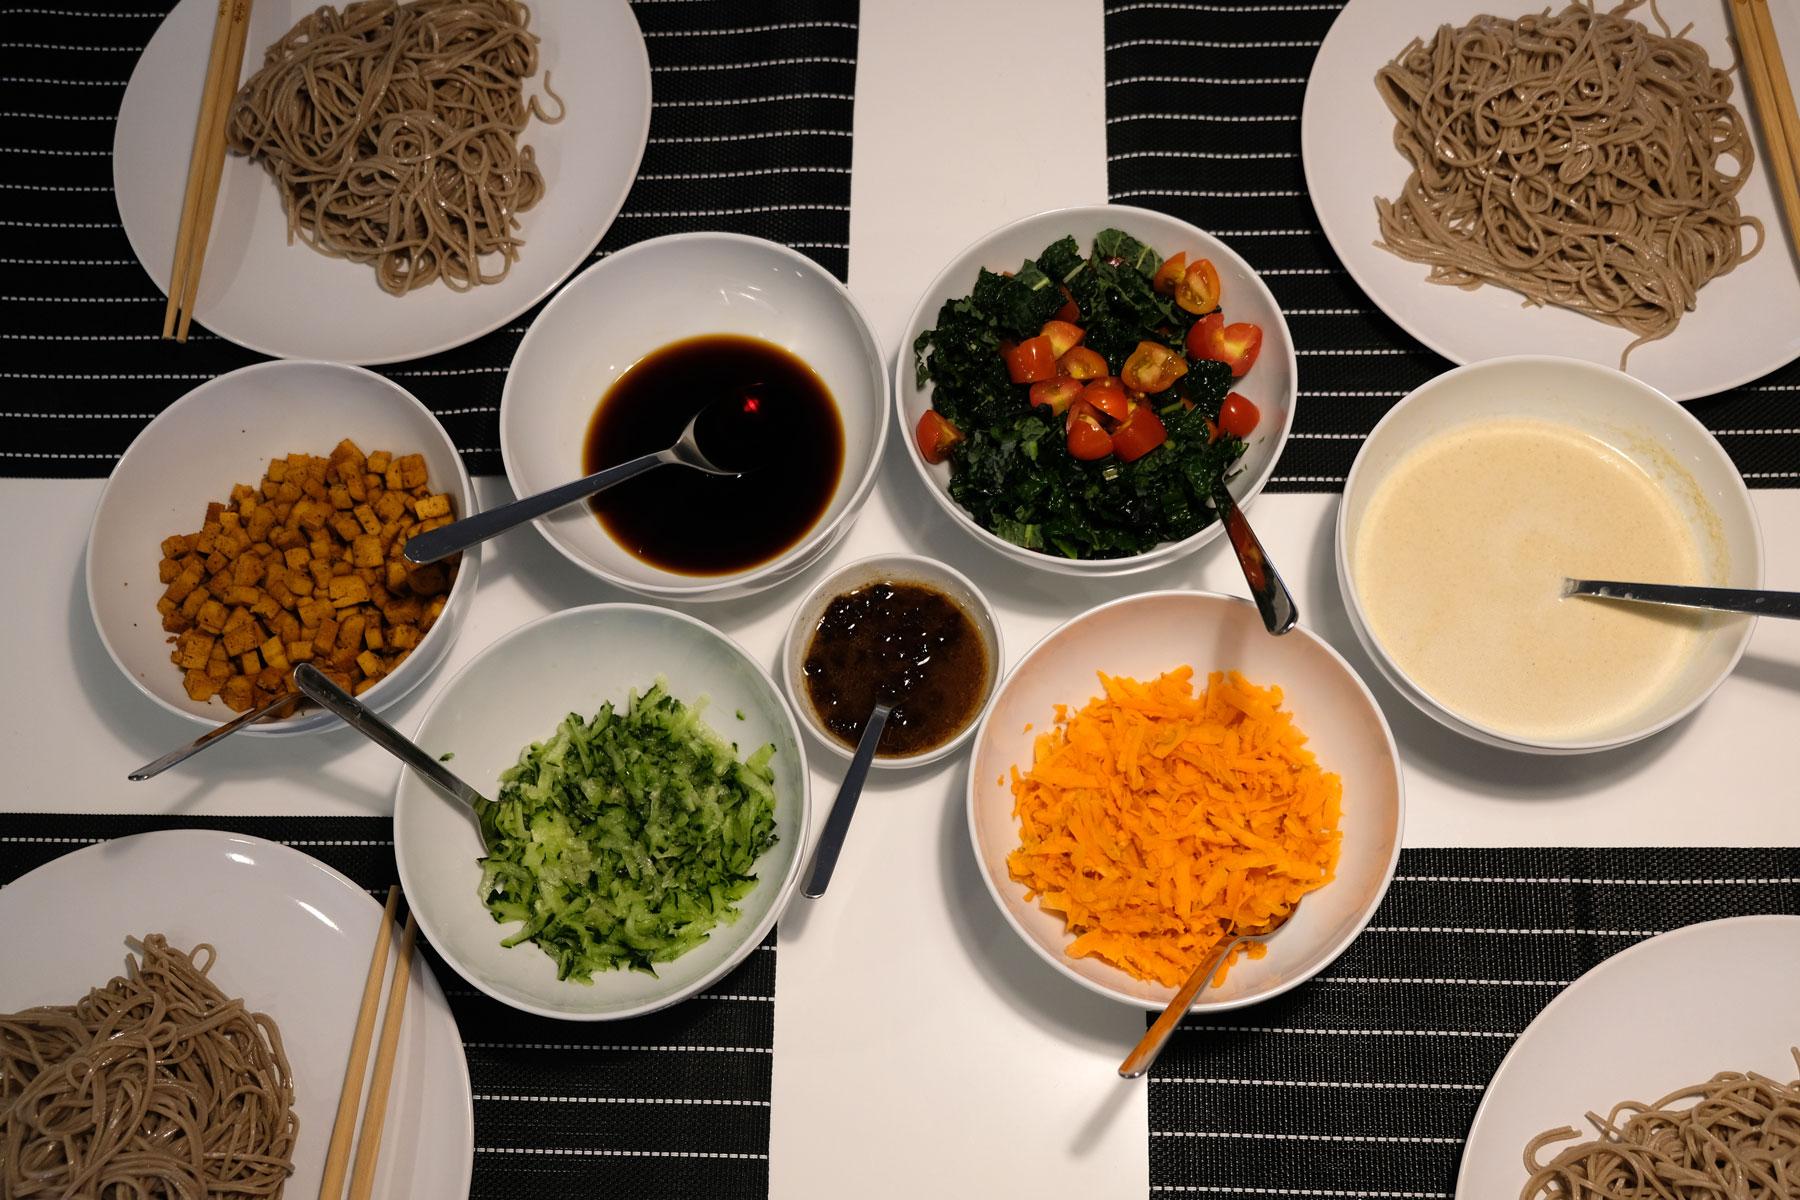 Auf dem Tisch stehen viele Schalen mit veganem Bio-Essen und Spaghetti.